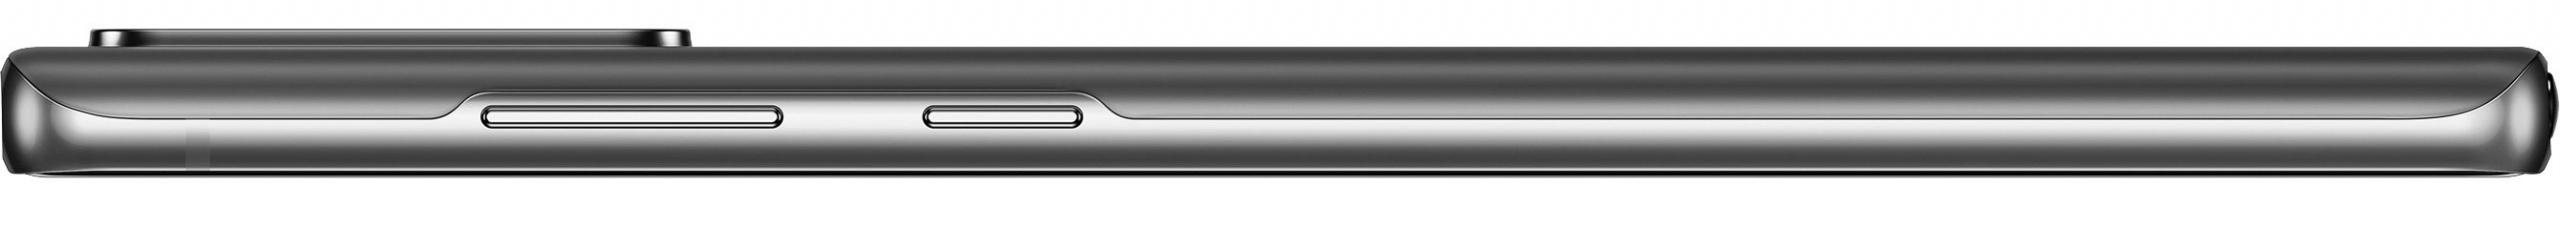 Samsung Galaxy Note 20 Zijkant